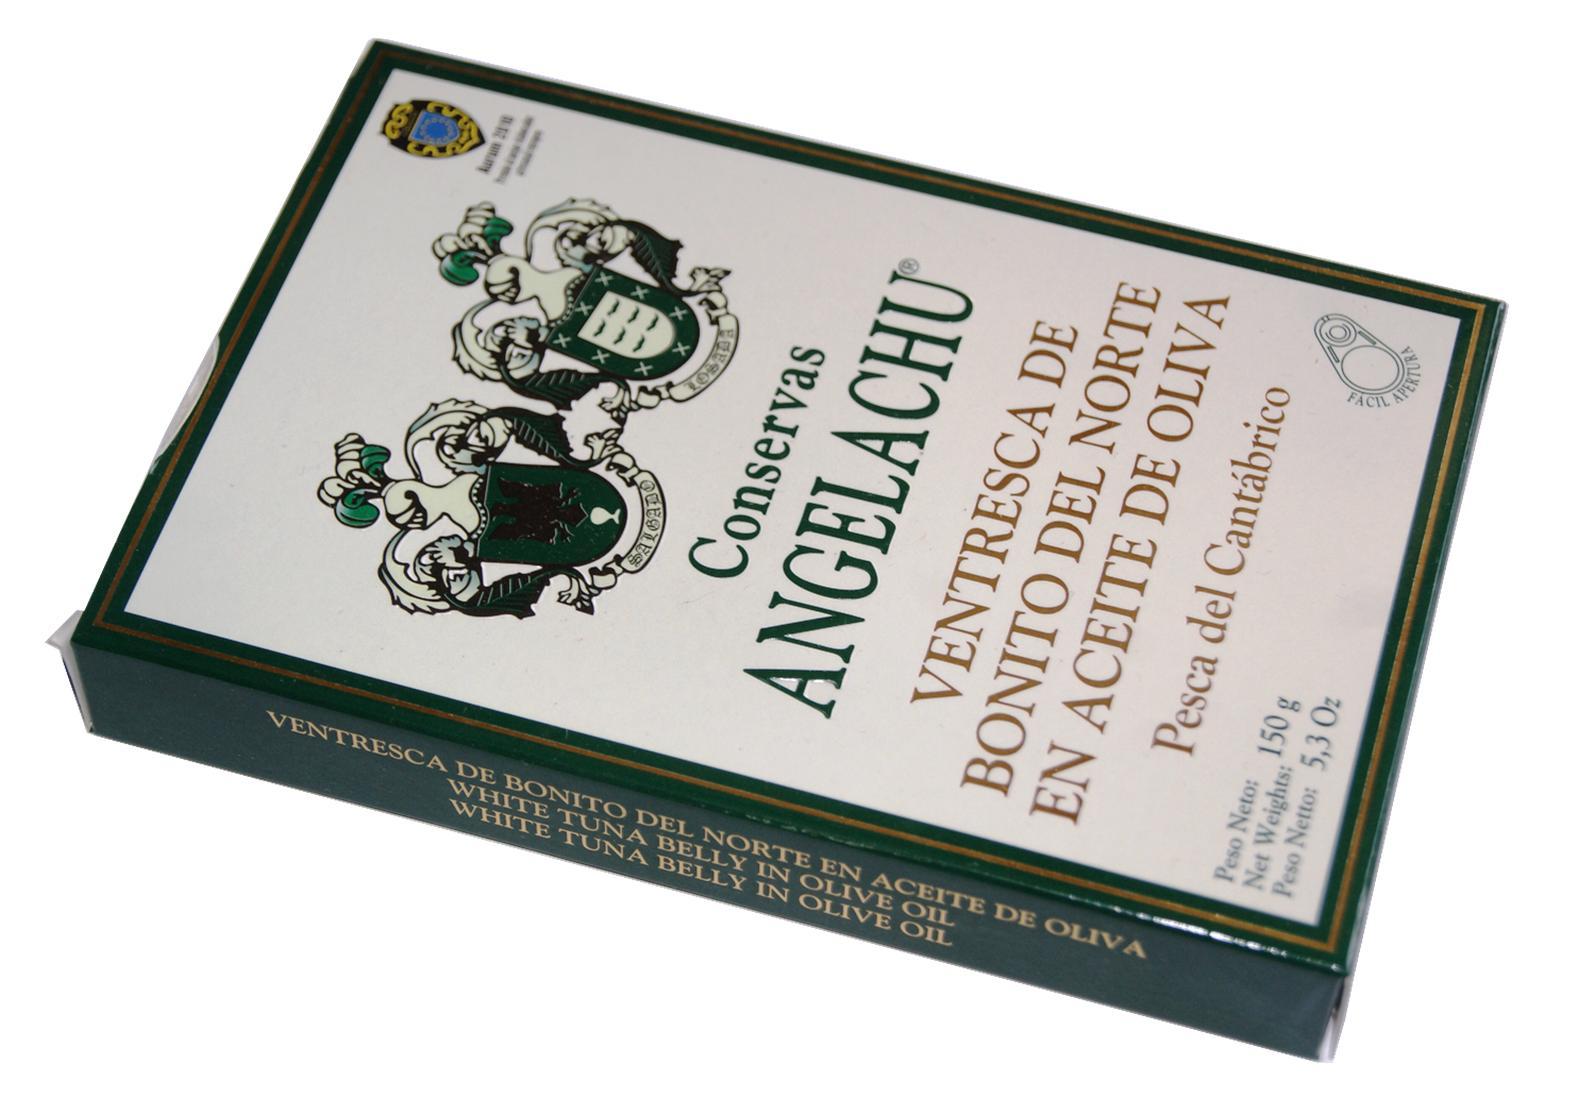 Ventrèche de thon Bonito - Angelachu - Conserves de filets d'anchois de Santoña - Cantabrie